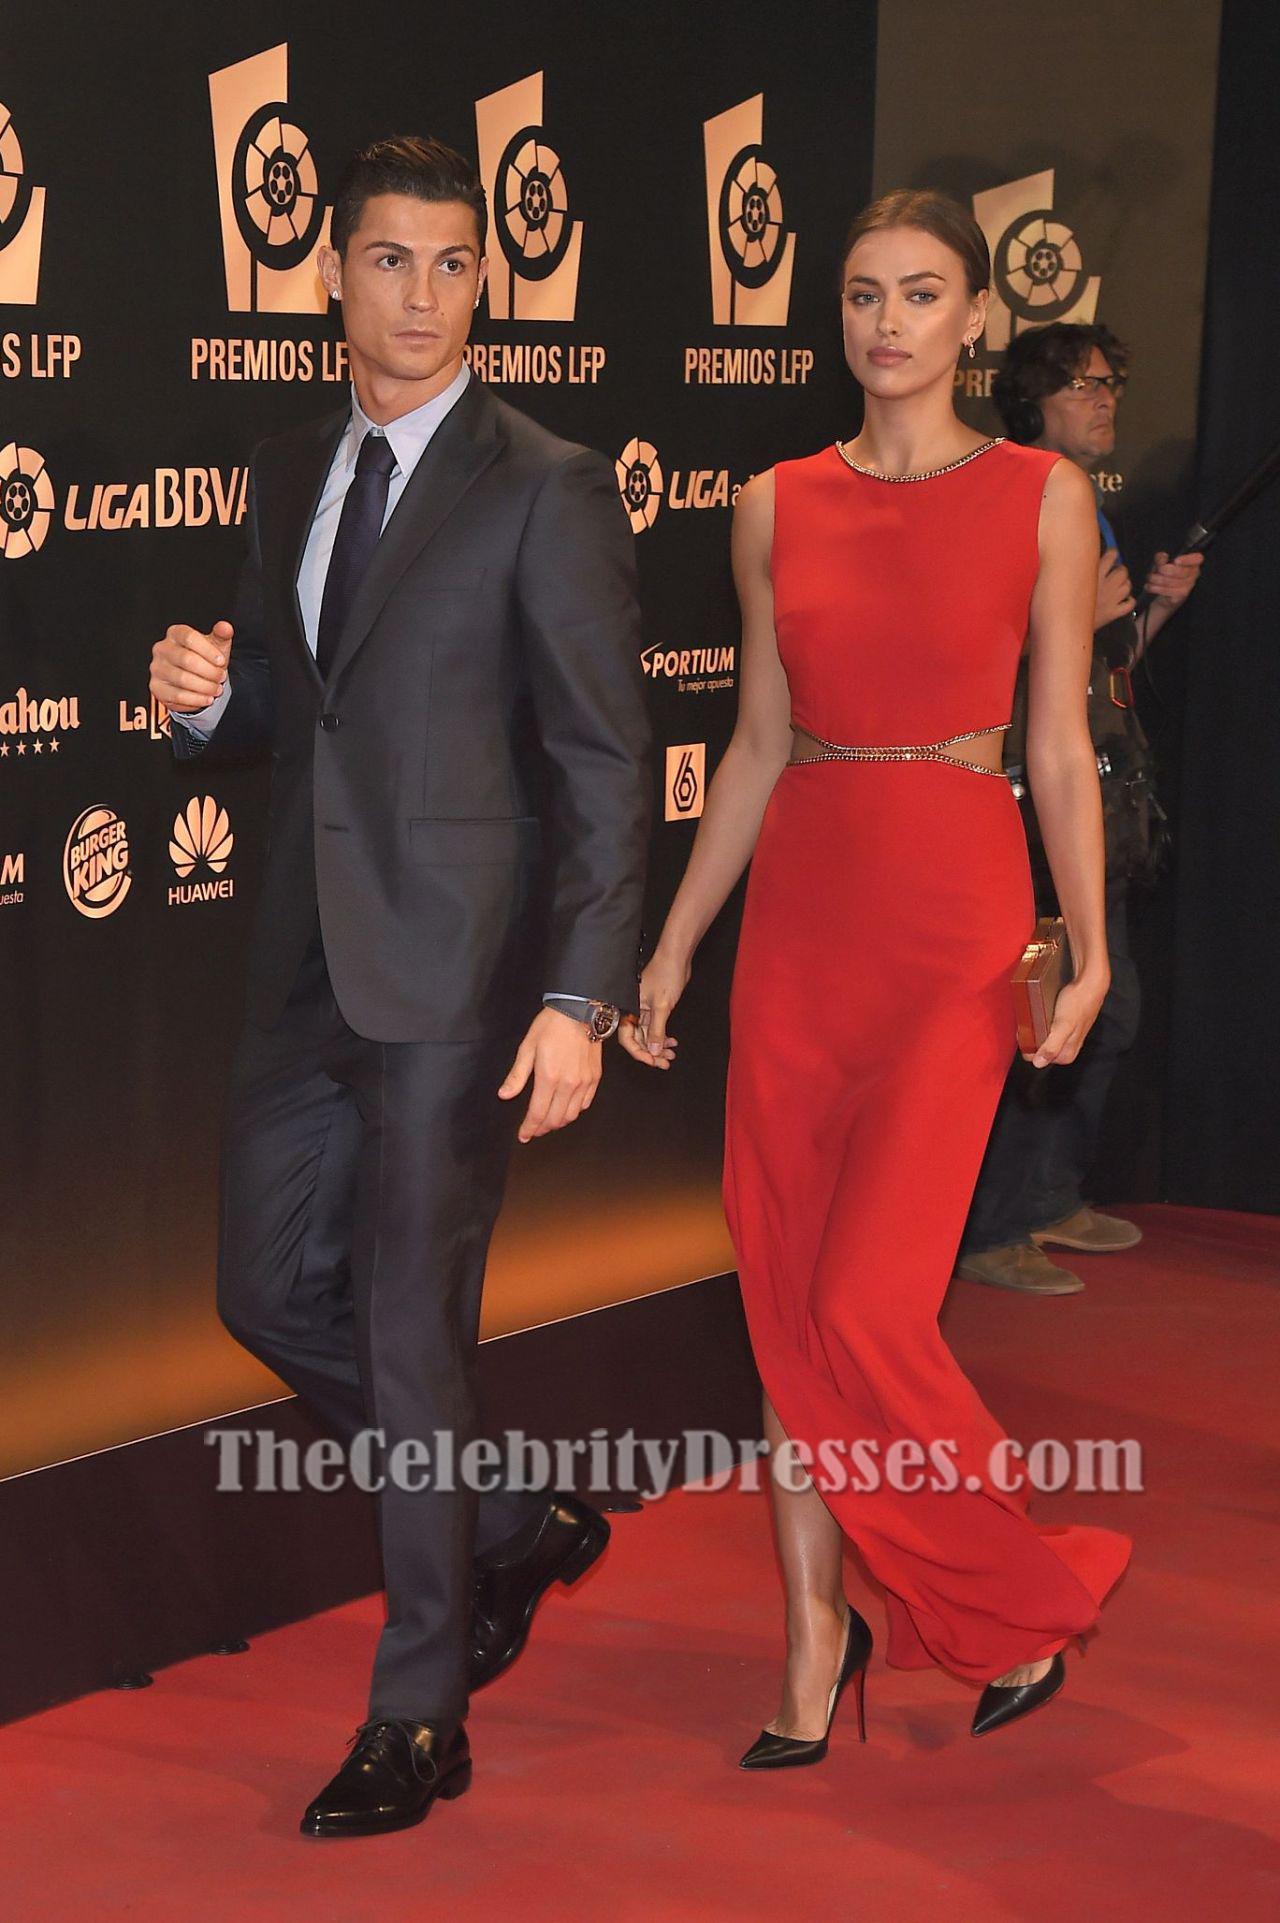 Irina Shayk Red Evening Dress 2014 Liga de Futbol Profesional Awards ...